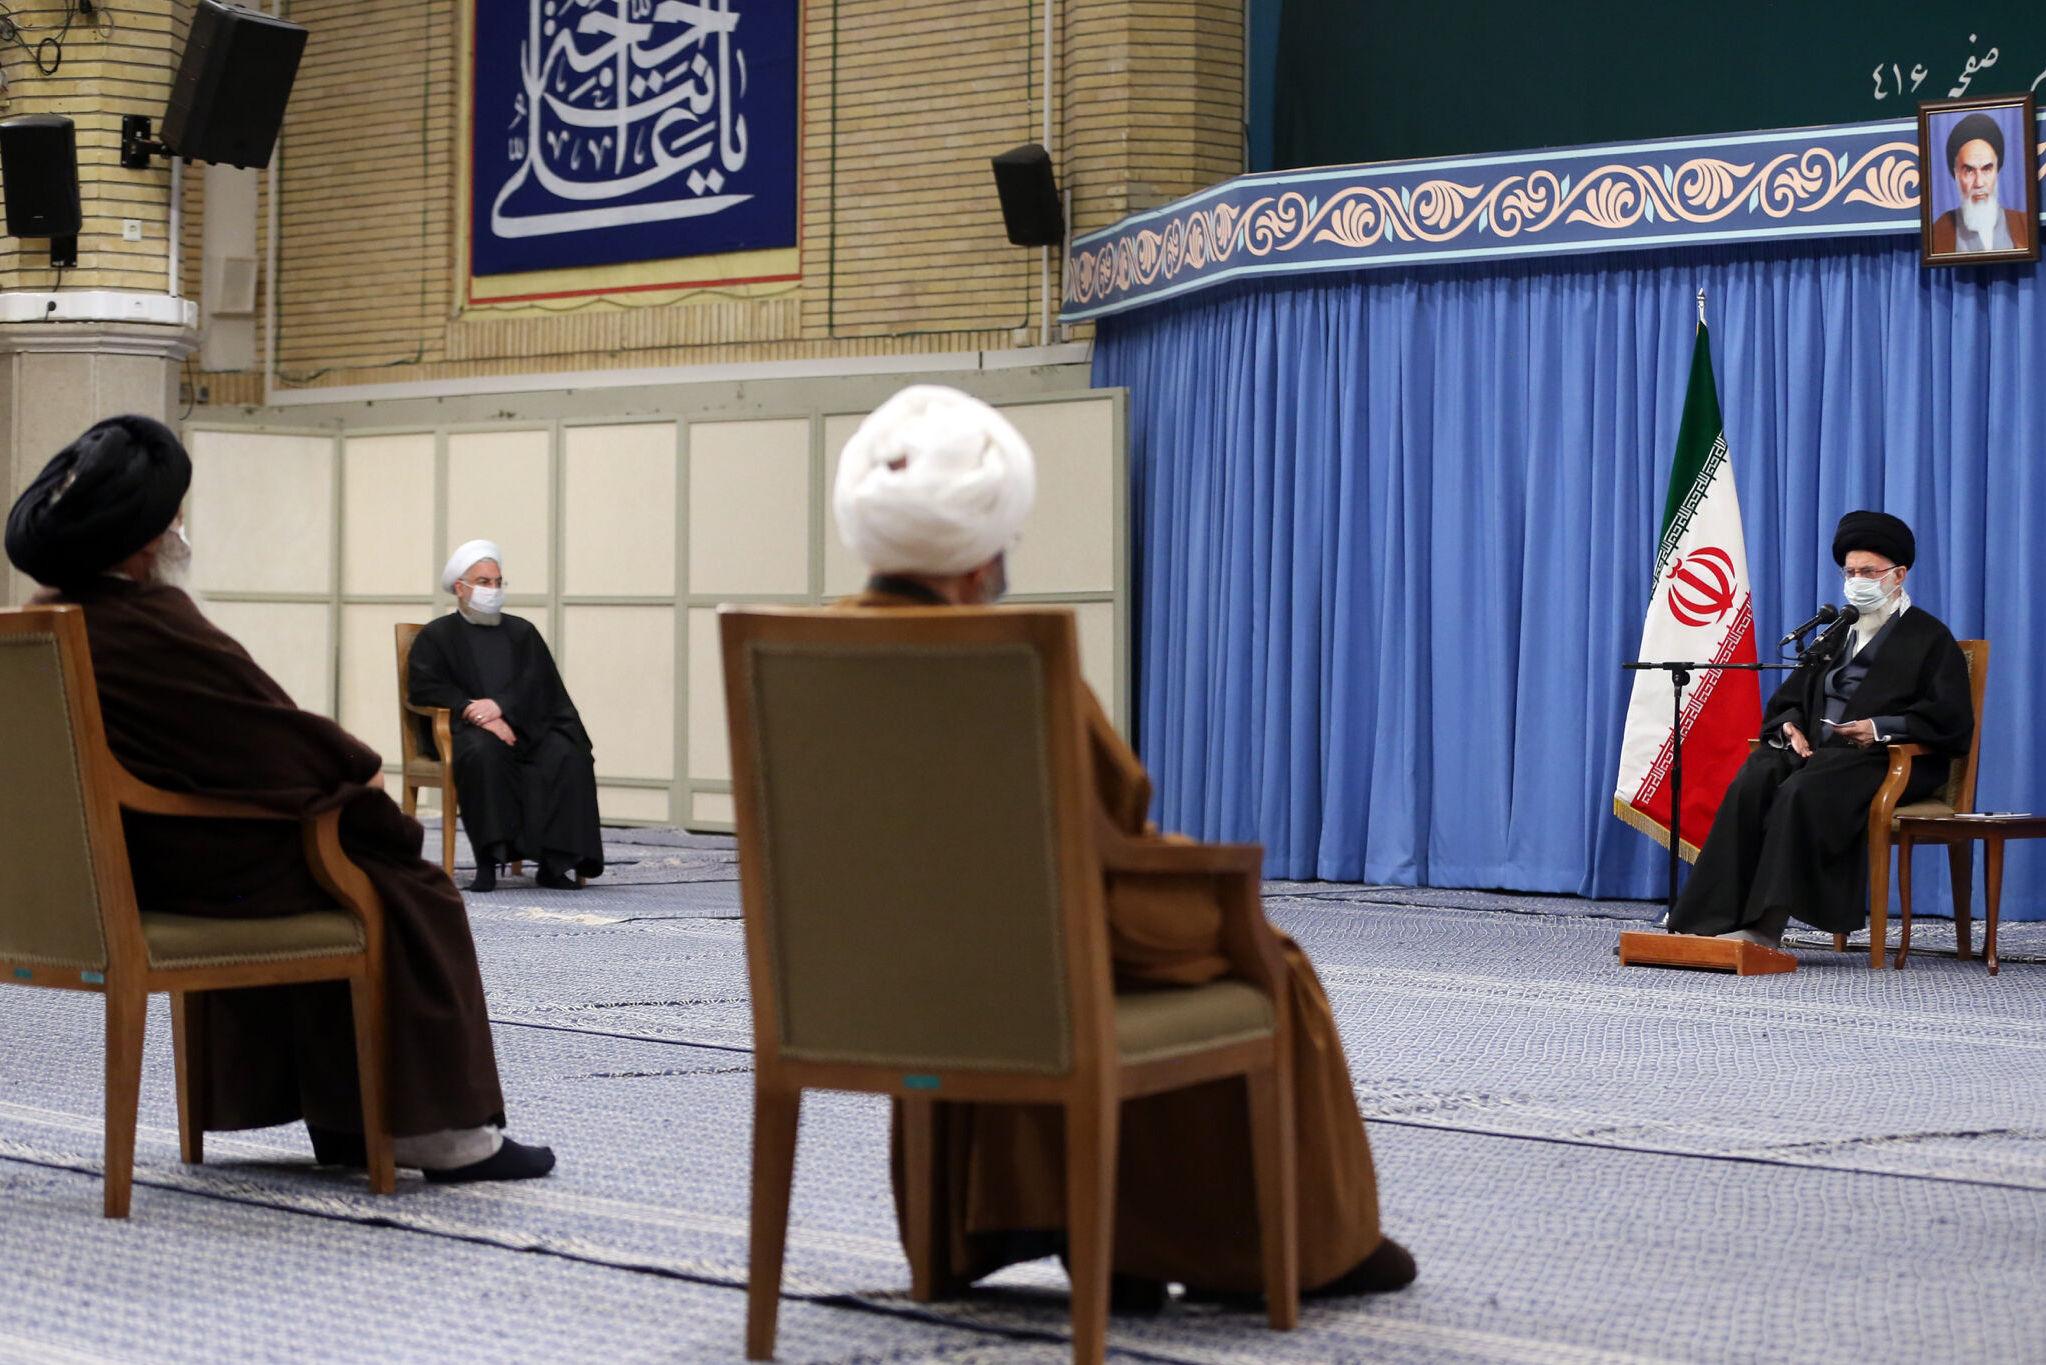 حد غنیسازی ایران ۲۰درصد نخواهد بود/ قانون مجلس به دقت عمل شود